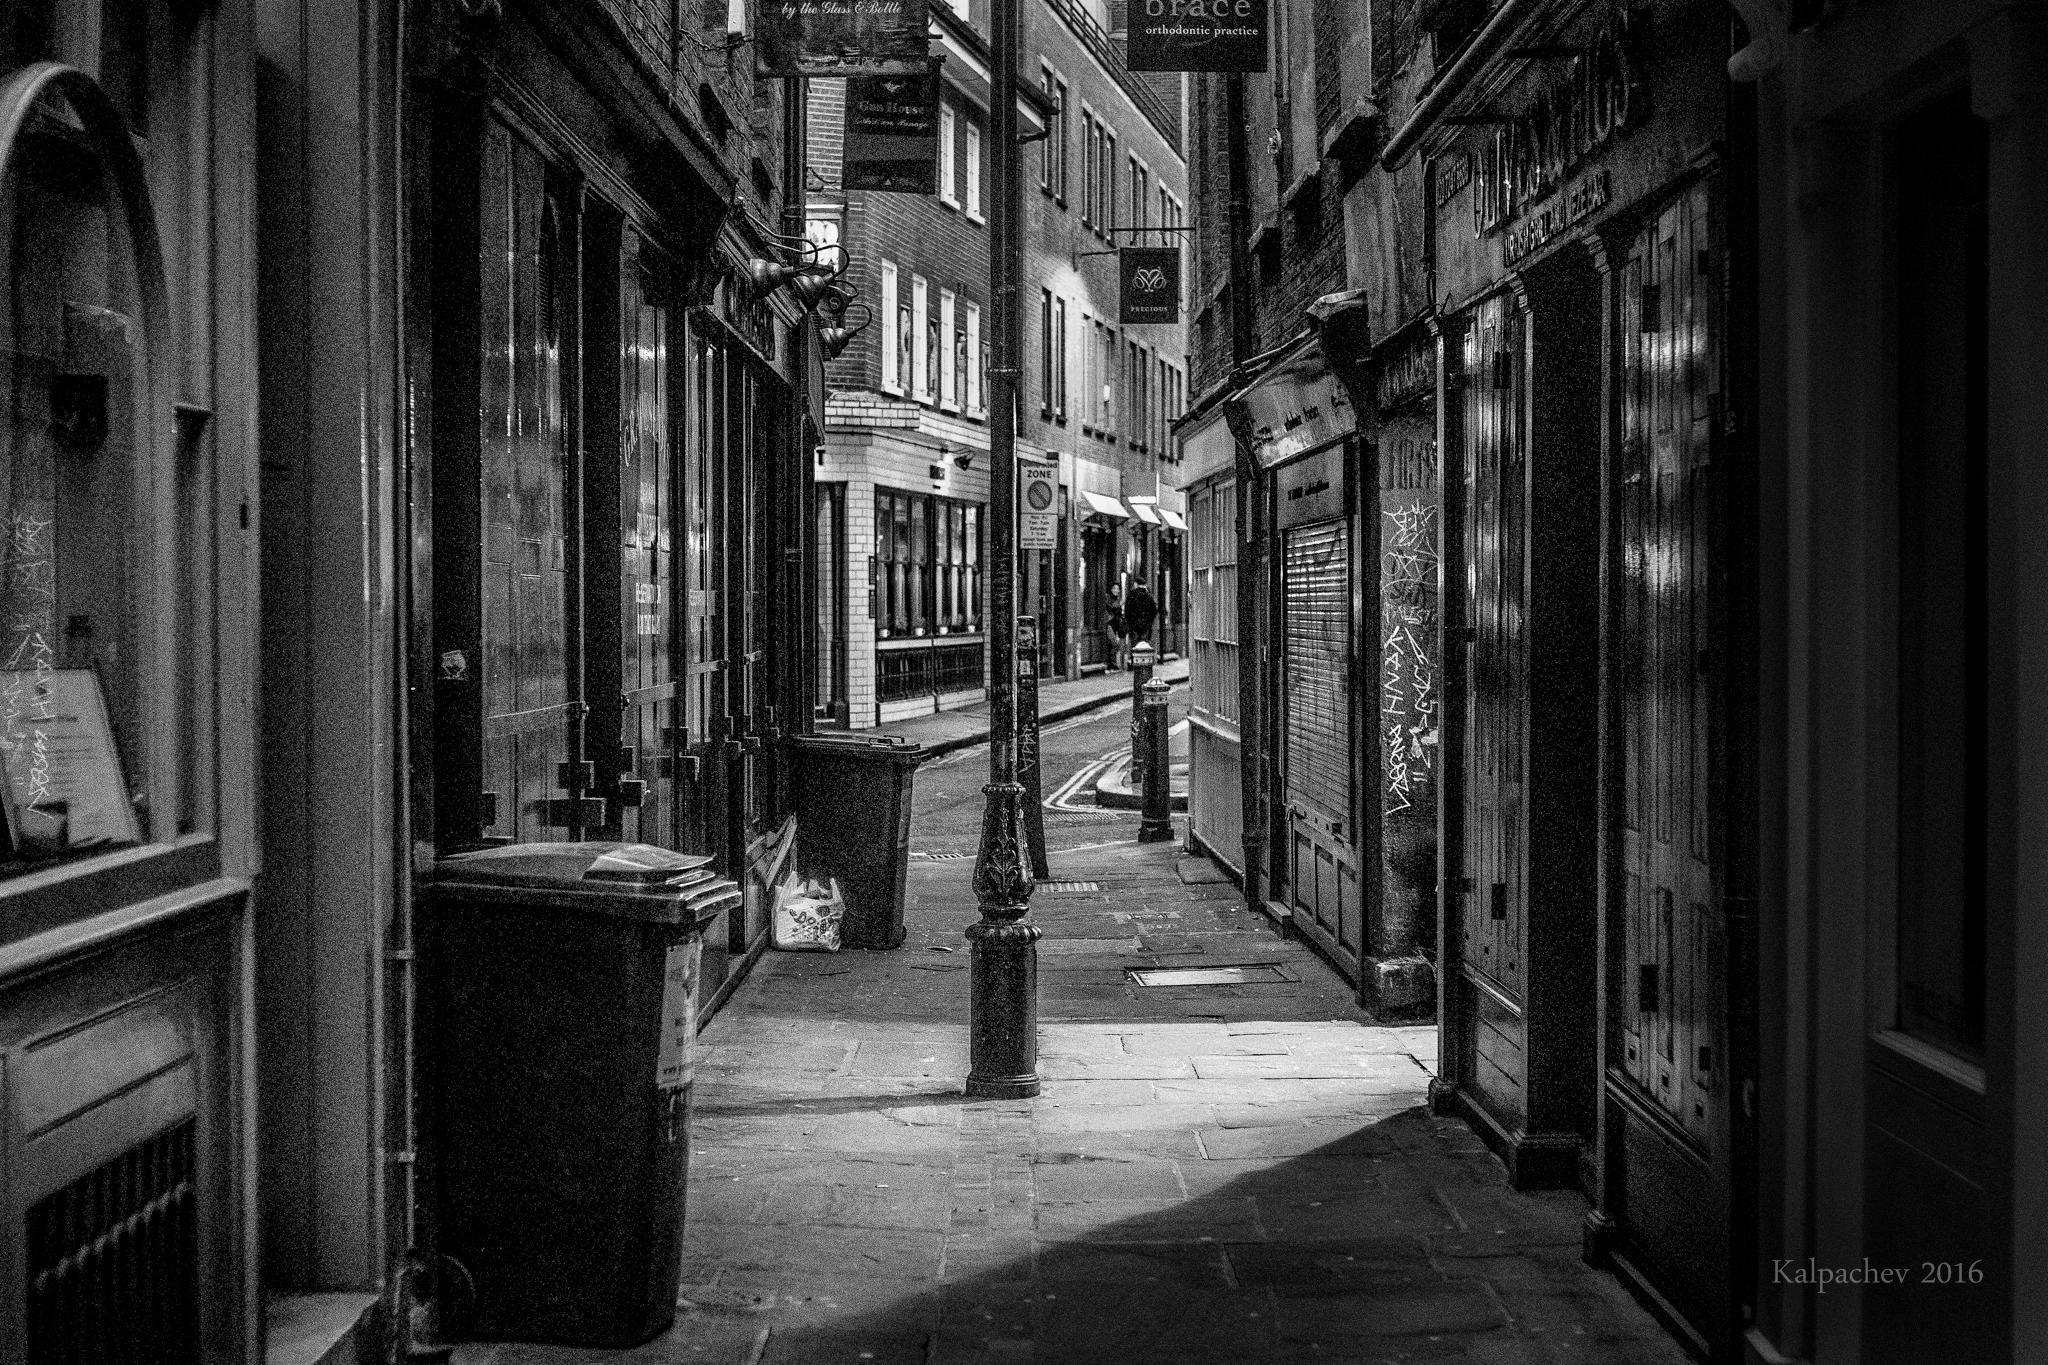 London at night 2016